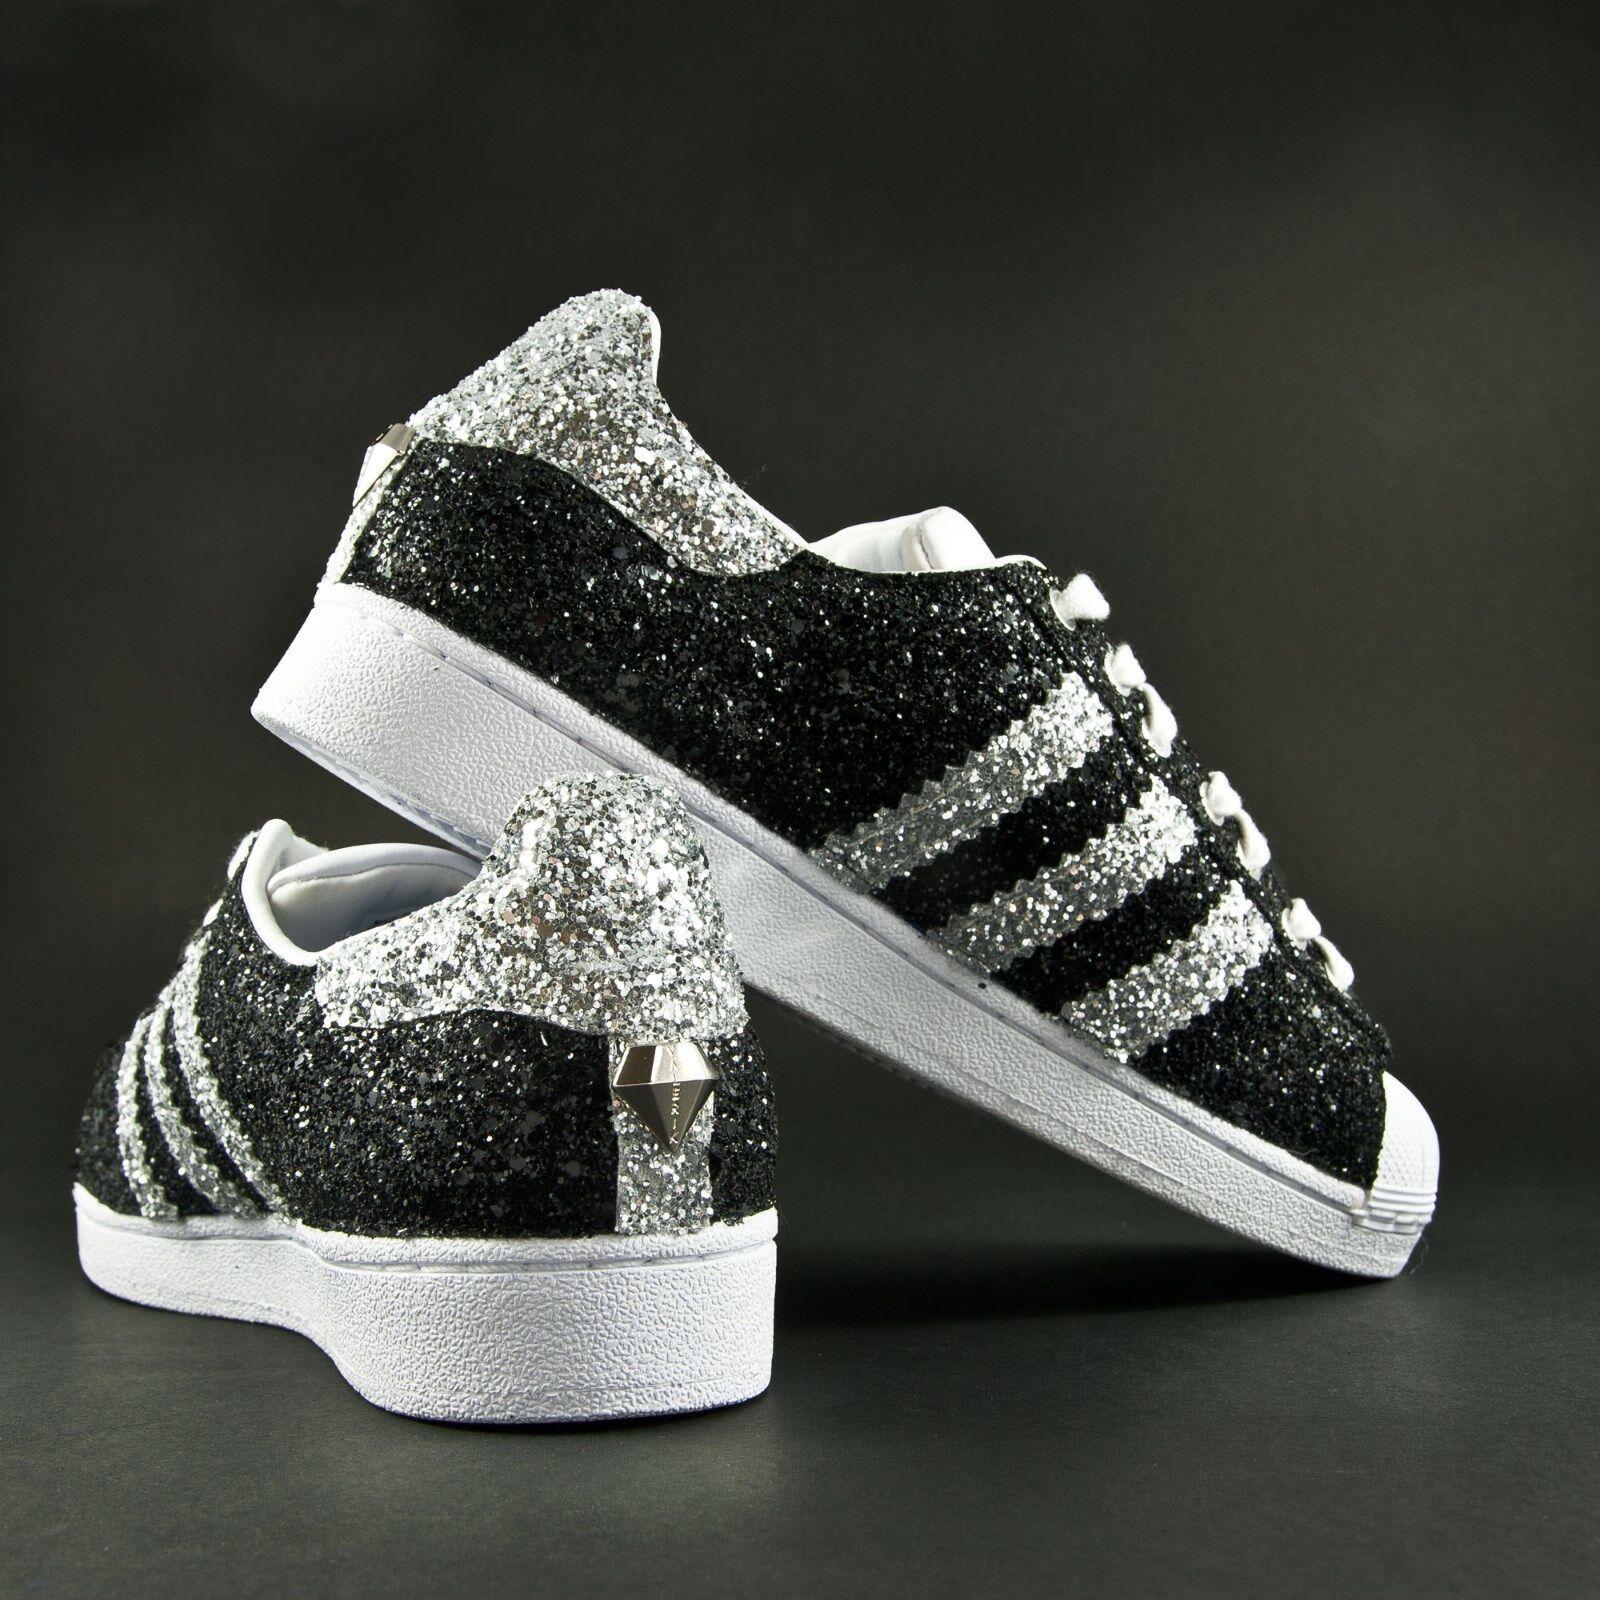 scarpe adidas superstar con glitter nero e glitter argento